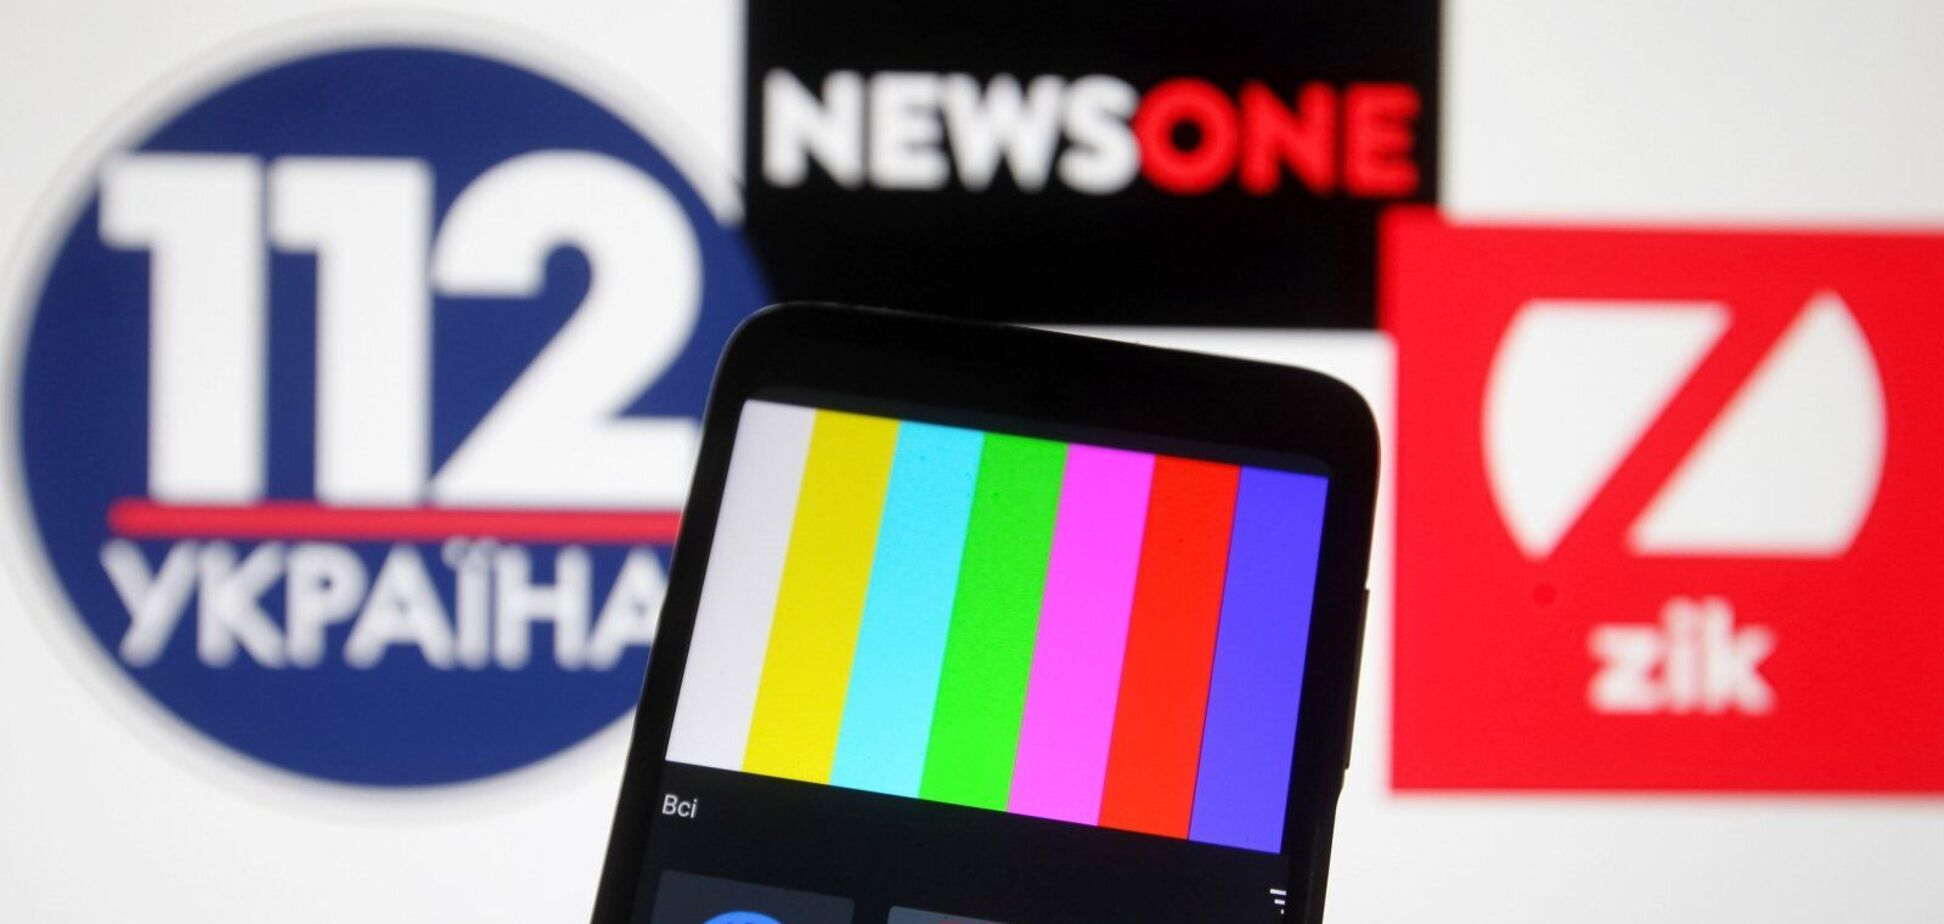 Питання заборони телеканалів – не справа Секретаріату ООН